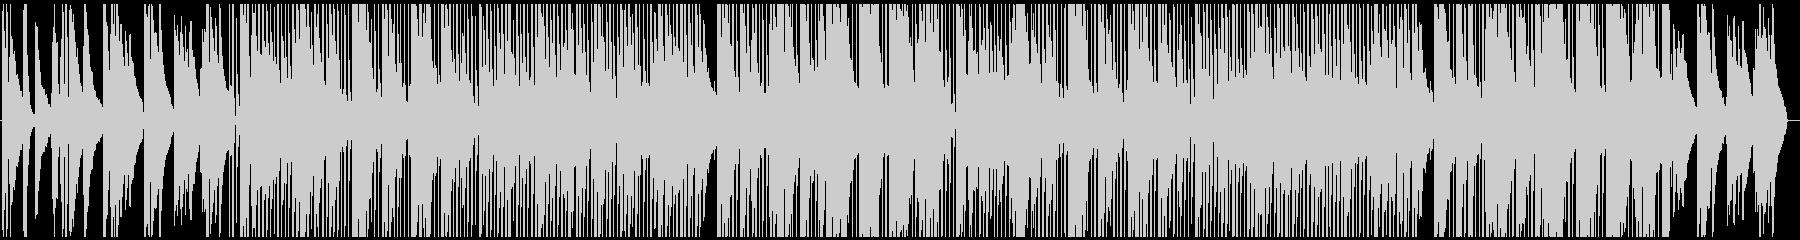 ピアノが印象的なソウルフルジャズファンクの未再生の波形